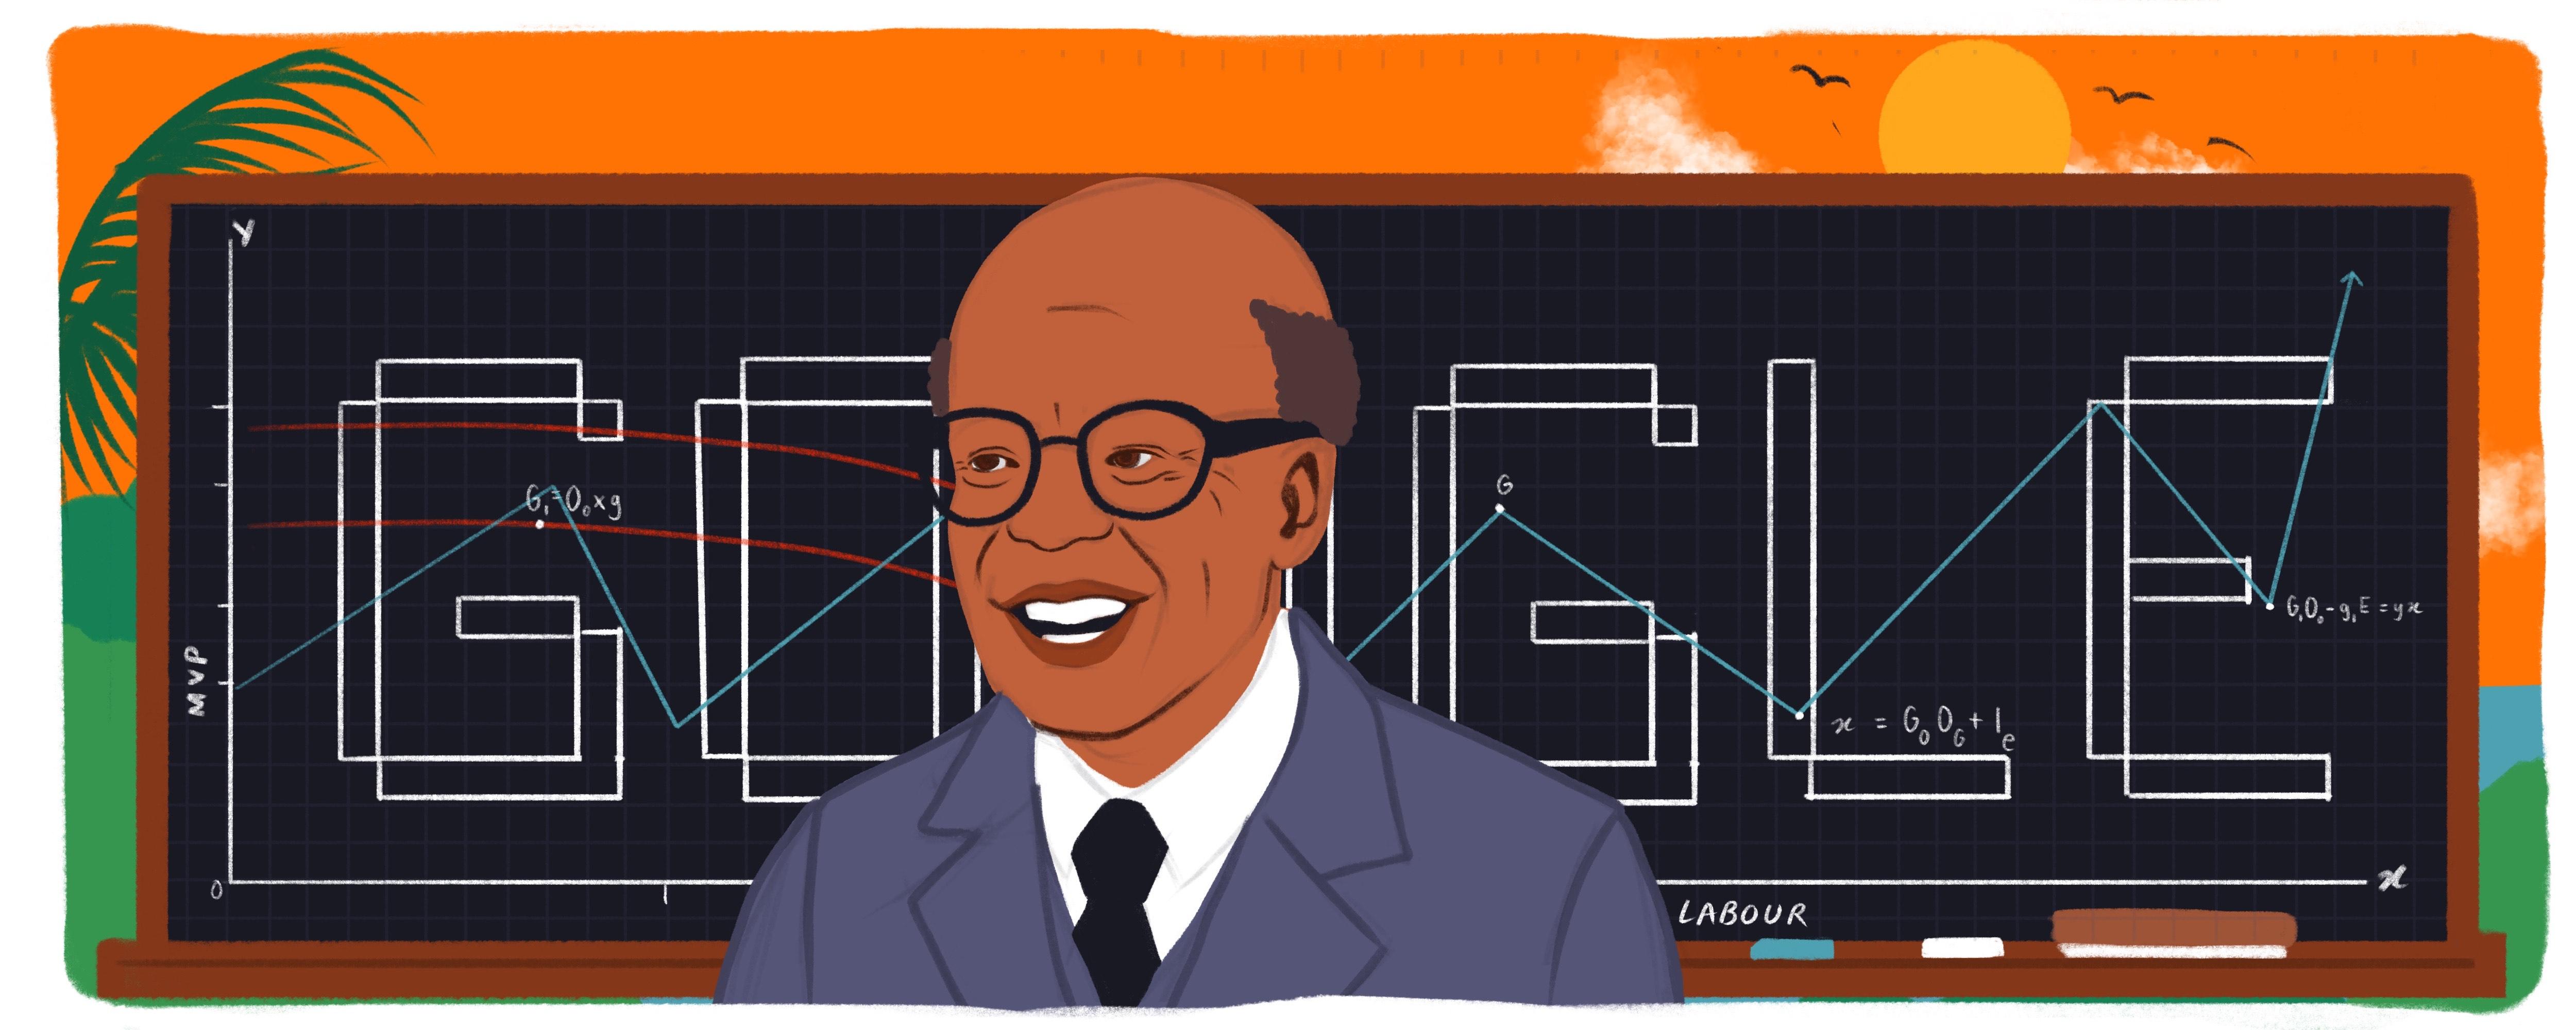 dsGH7 26RREmWFQvm2sO3yCvdlhUhCfRvDejdEAIflm2k4TD2VIdhRsAXt2Ume5jrntr5aUD6CzzygztrPgkmEcZuscF0lL6sY8JaxFd=s0 - Sir W. Arthur Lewis: Google celebra a economista y profesor con doodle